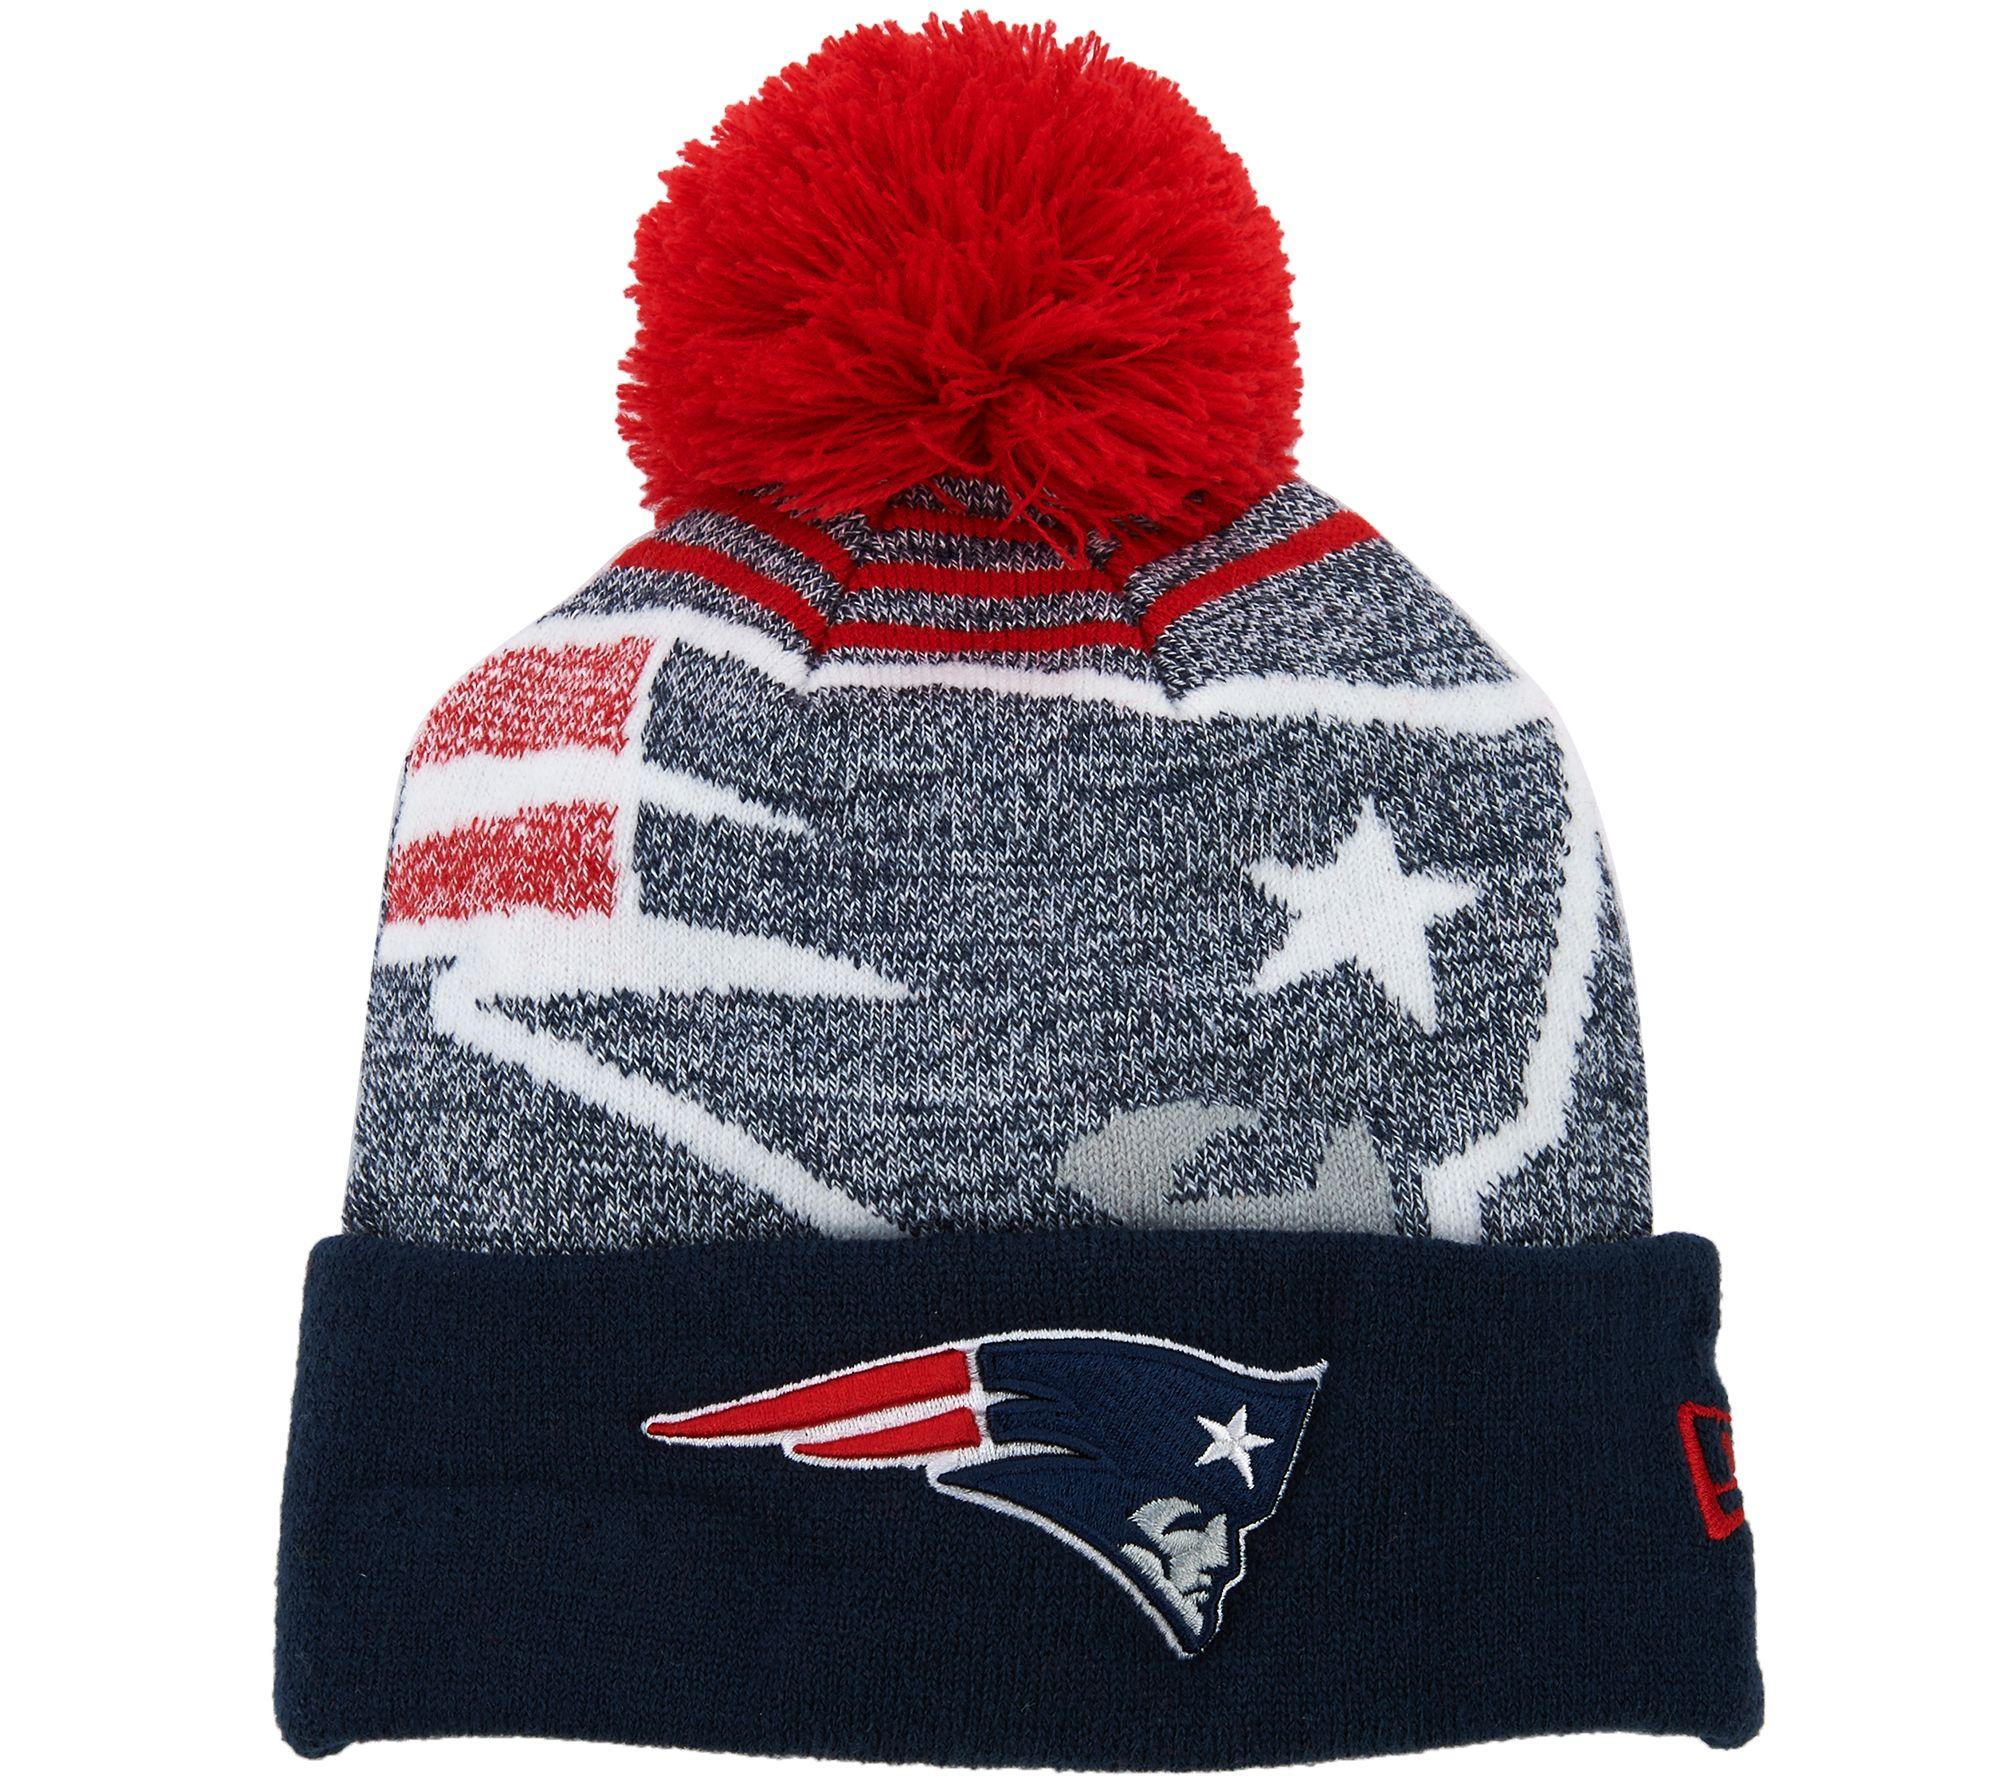 ... denmark nfl cuff knit hat with pom by new era page 1 u2014 qvc 9e087  91325 2ca59985026